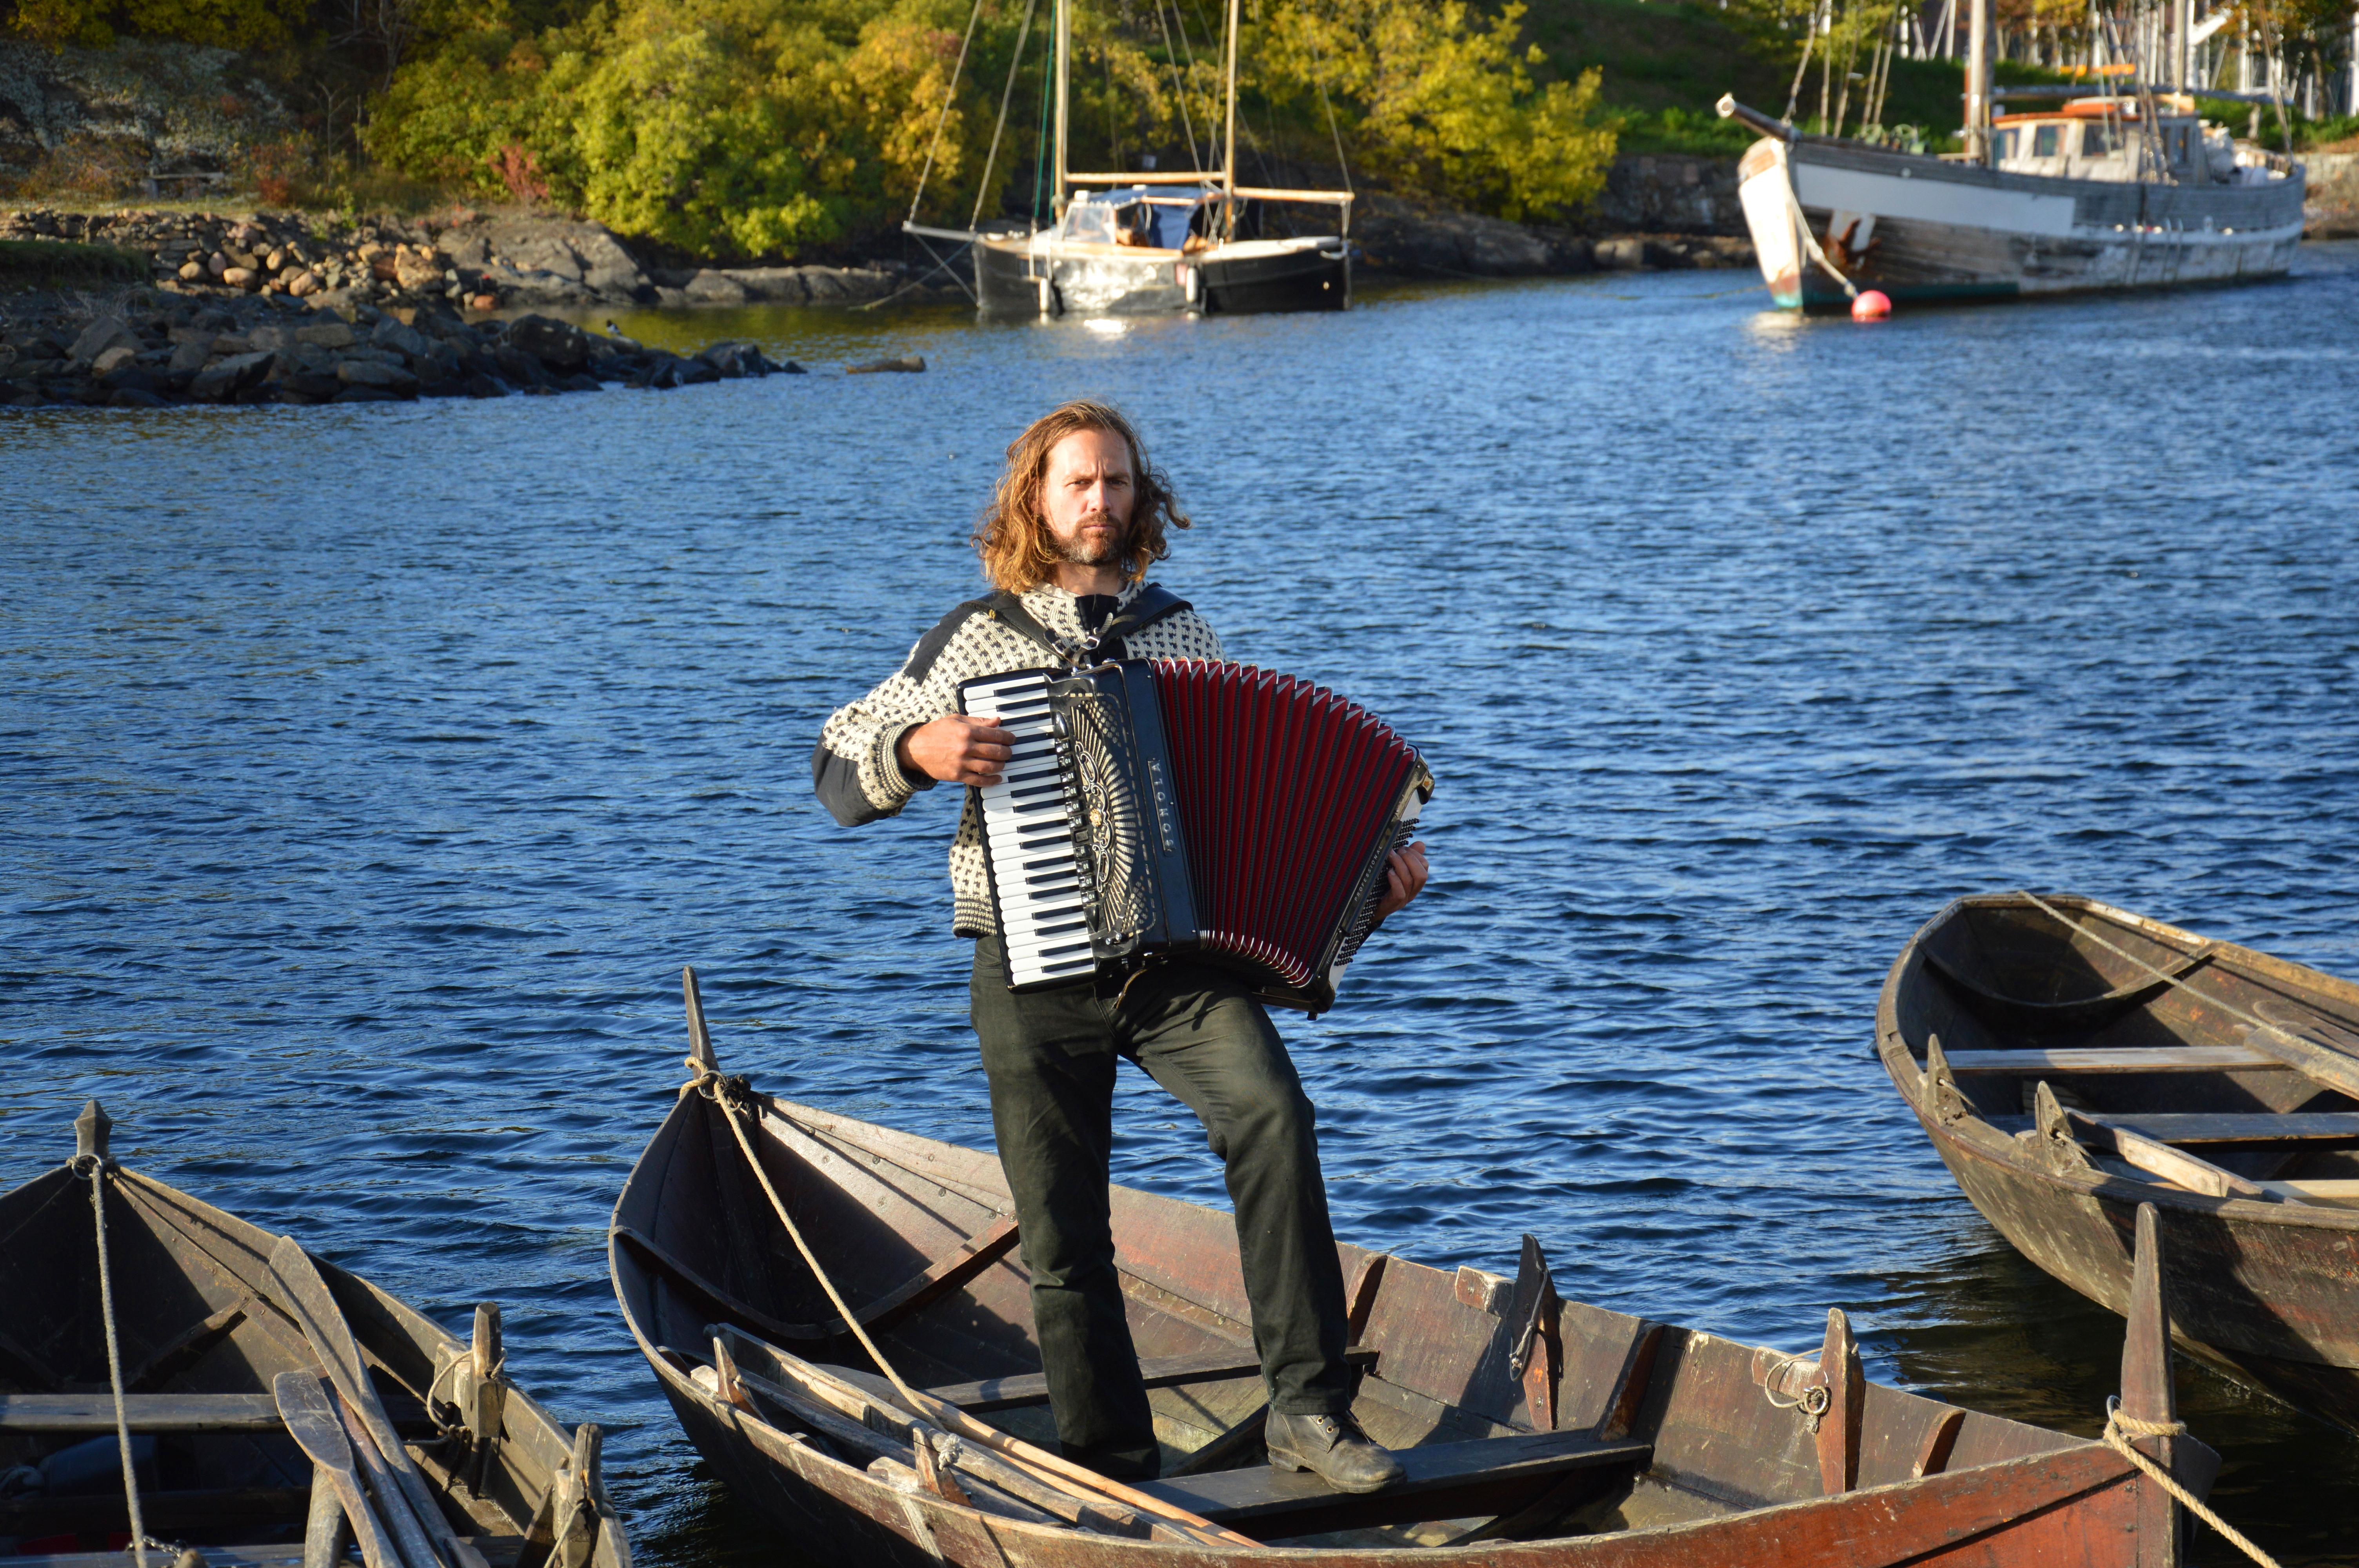 ÅRETAK_-_Marius_musiker_i_båten